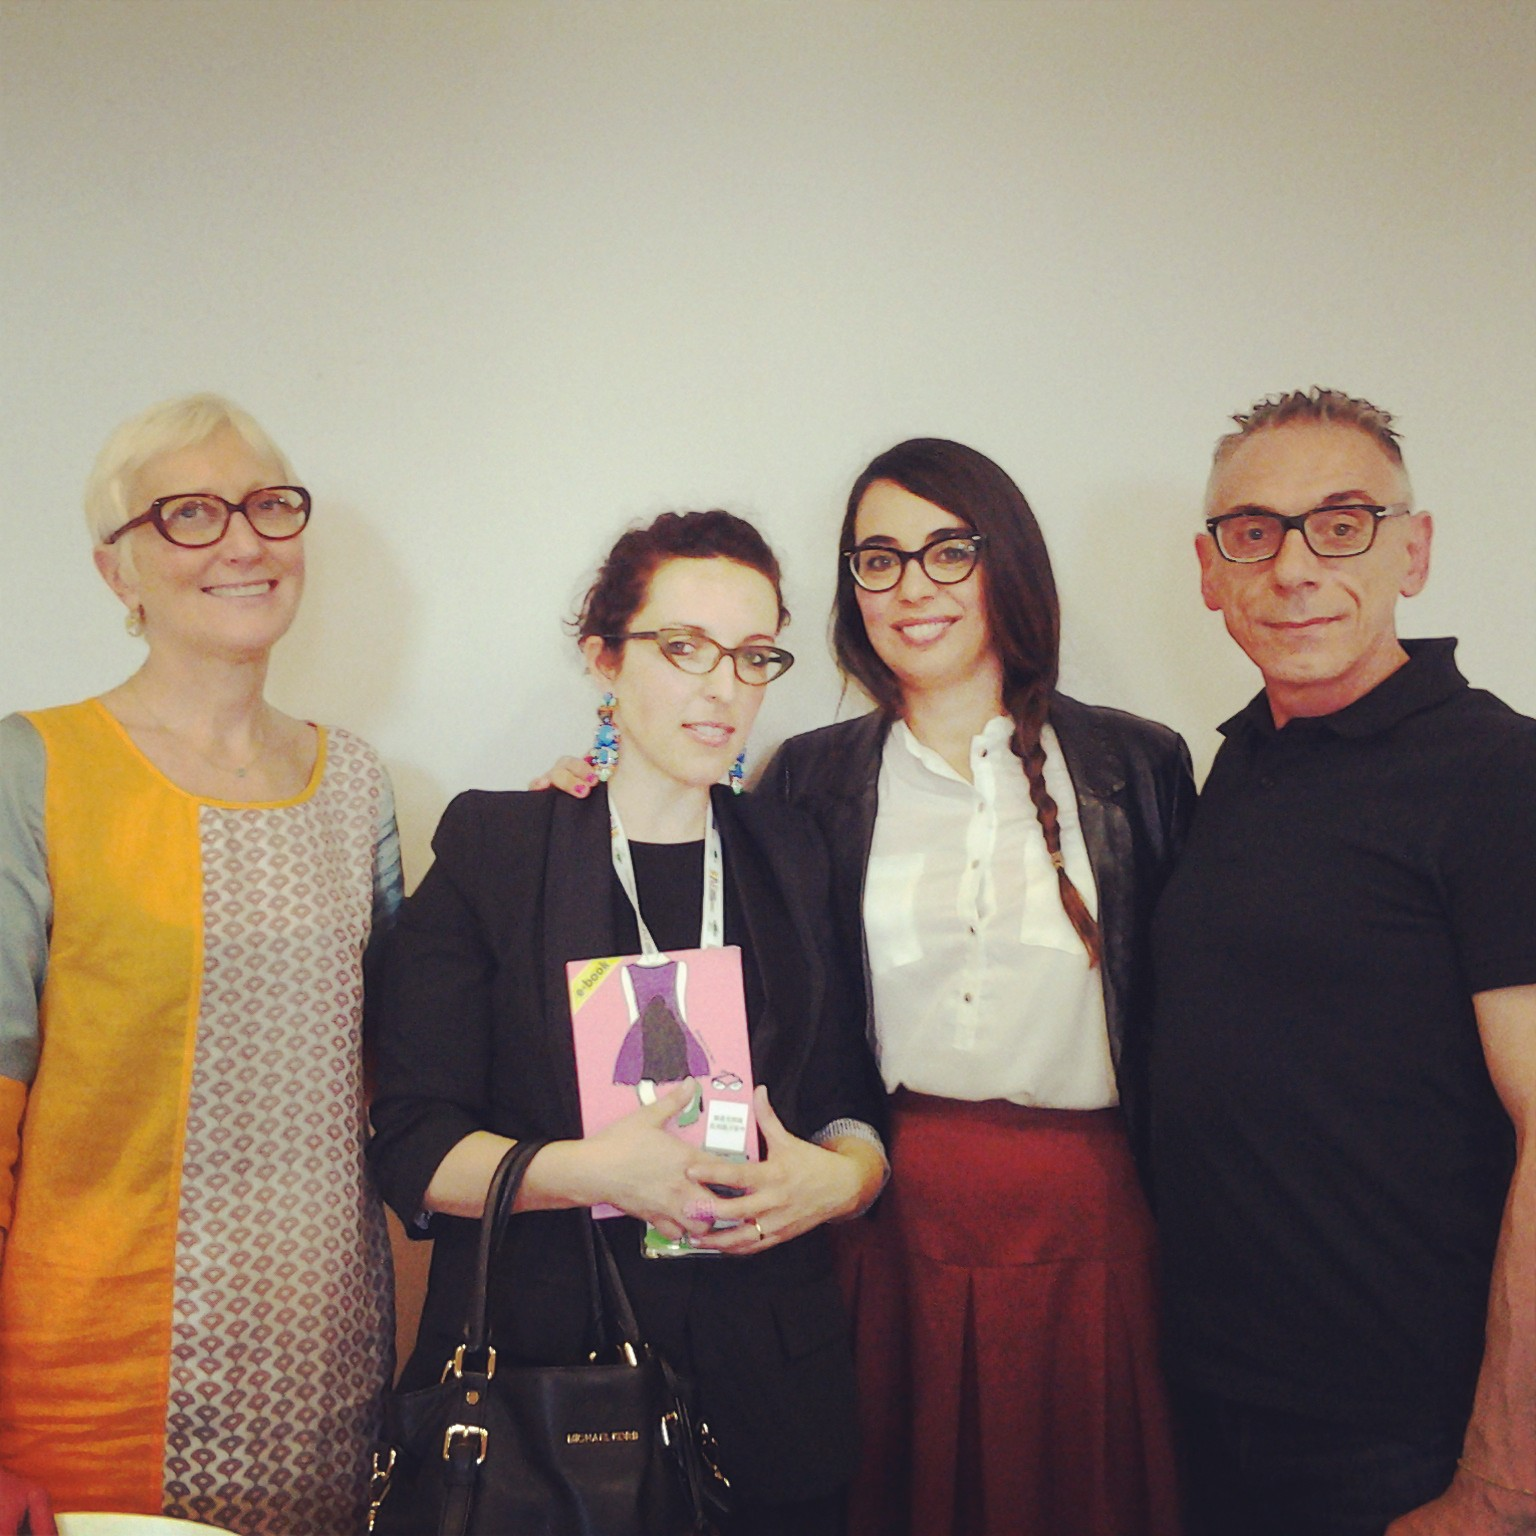 presentazione-romanzo-2014-3-salone-del-libro